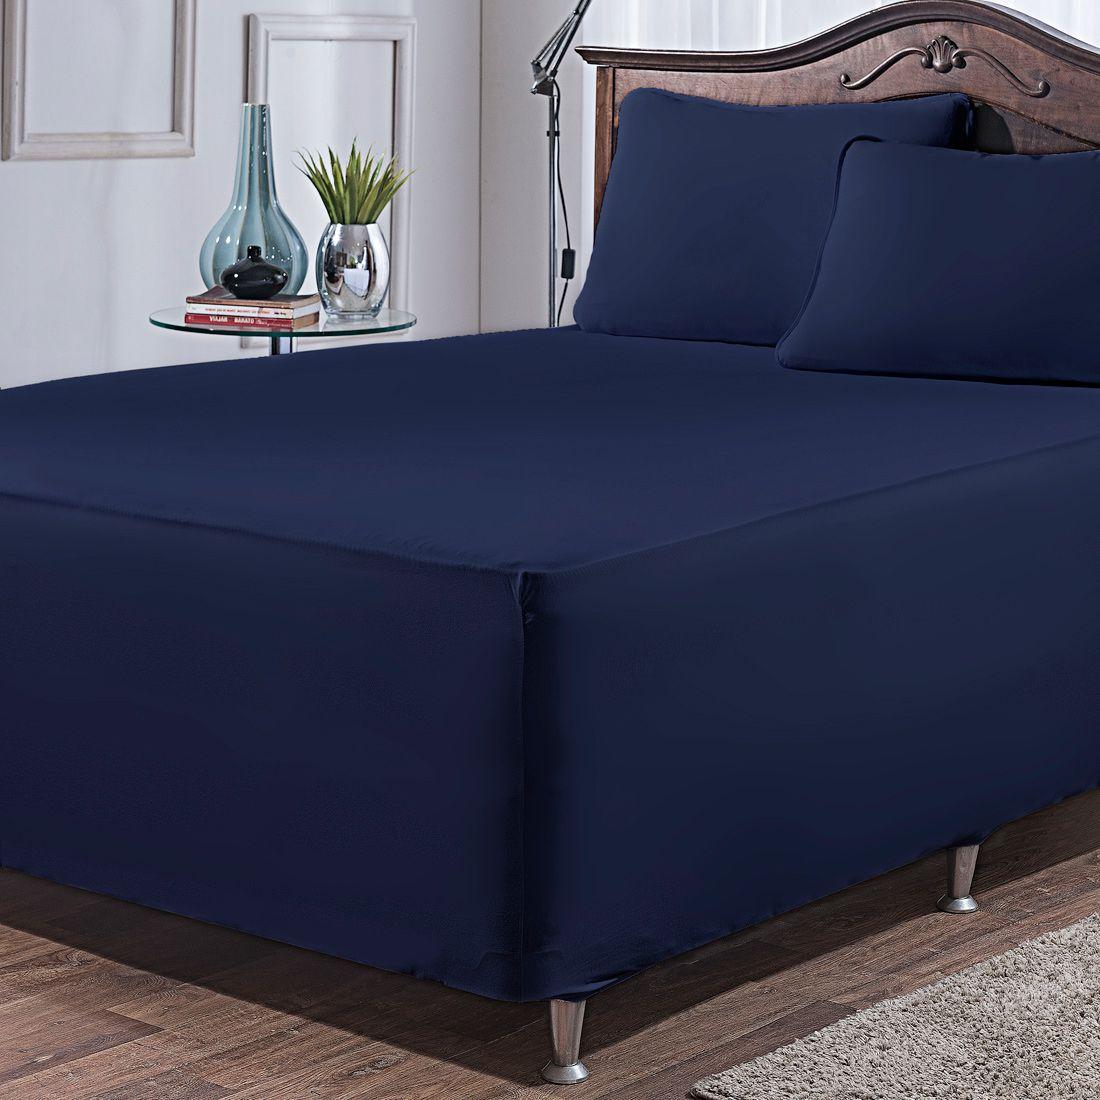 Jogo de Lençol p/ Cama Box Complet Azul Marinho Casal 03 Peças - Malha 100% Algodão